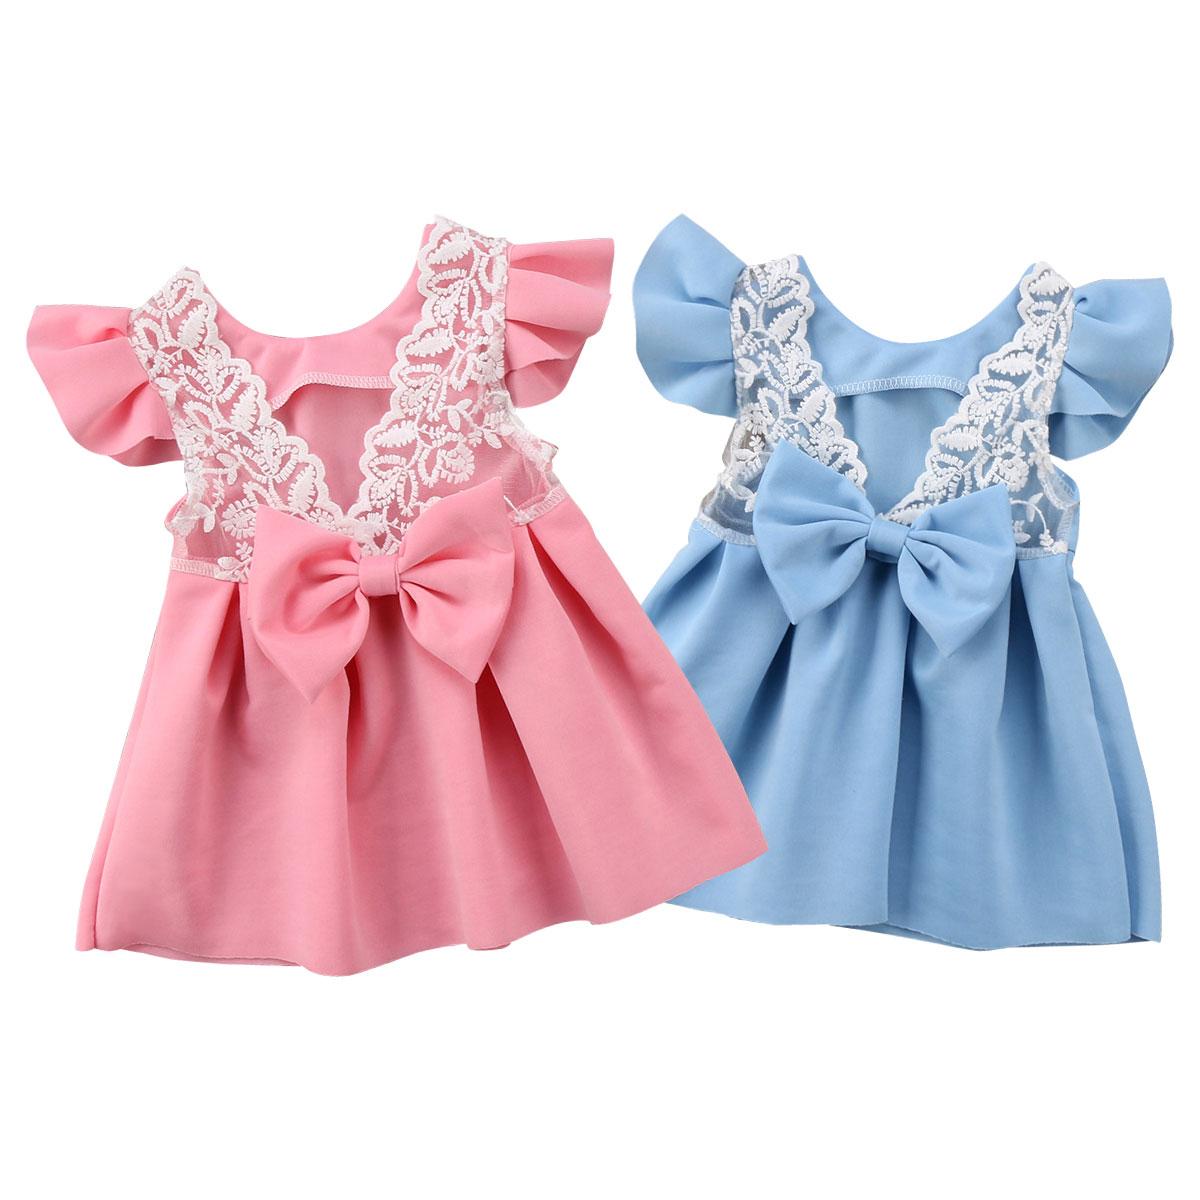 Infant Neugeborenen Baby Mädchen Kleid Prinzessin Spitze Tutu Party Hochzeit Urlaub Kleider Für Baby Mädchen Sommer Kleinkind Baby Kostüme